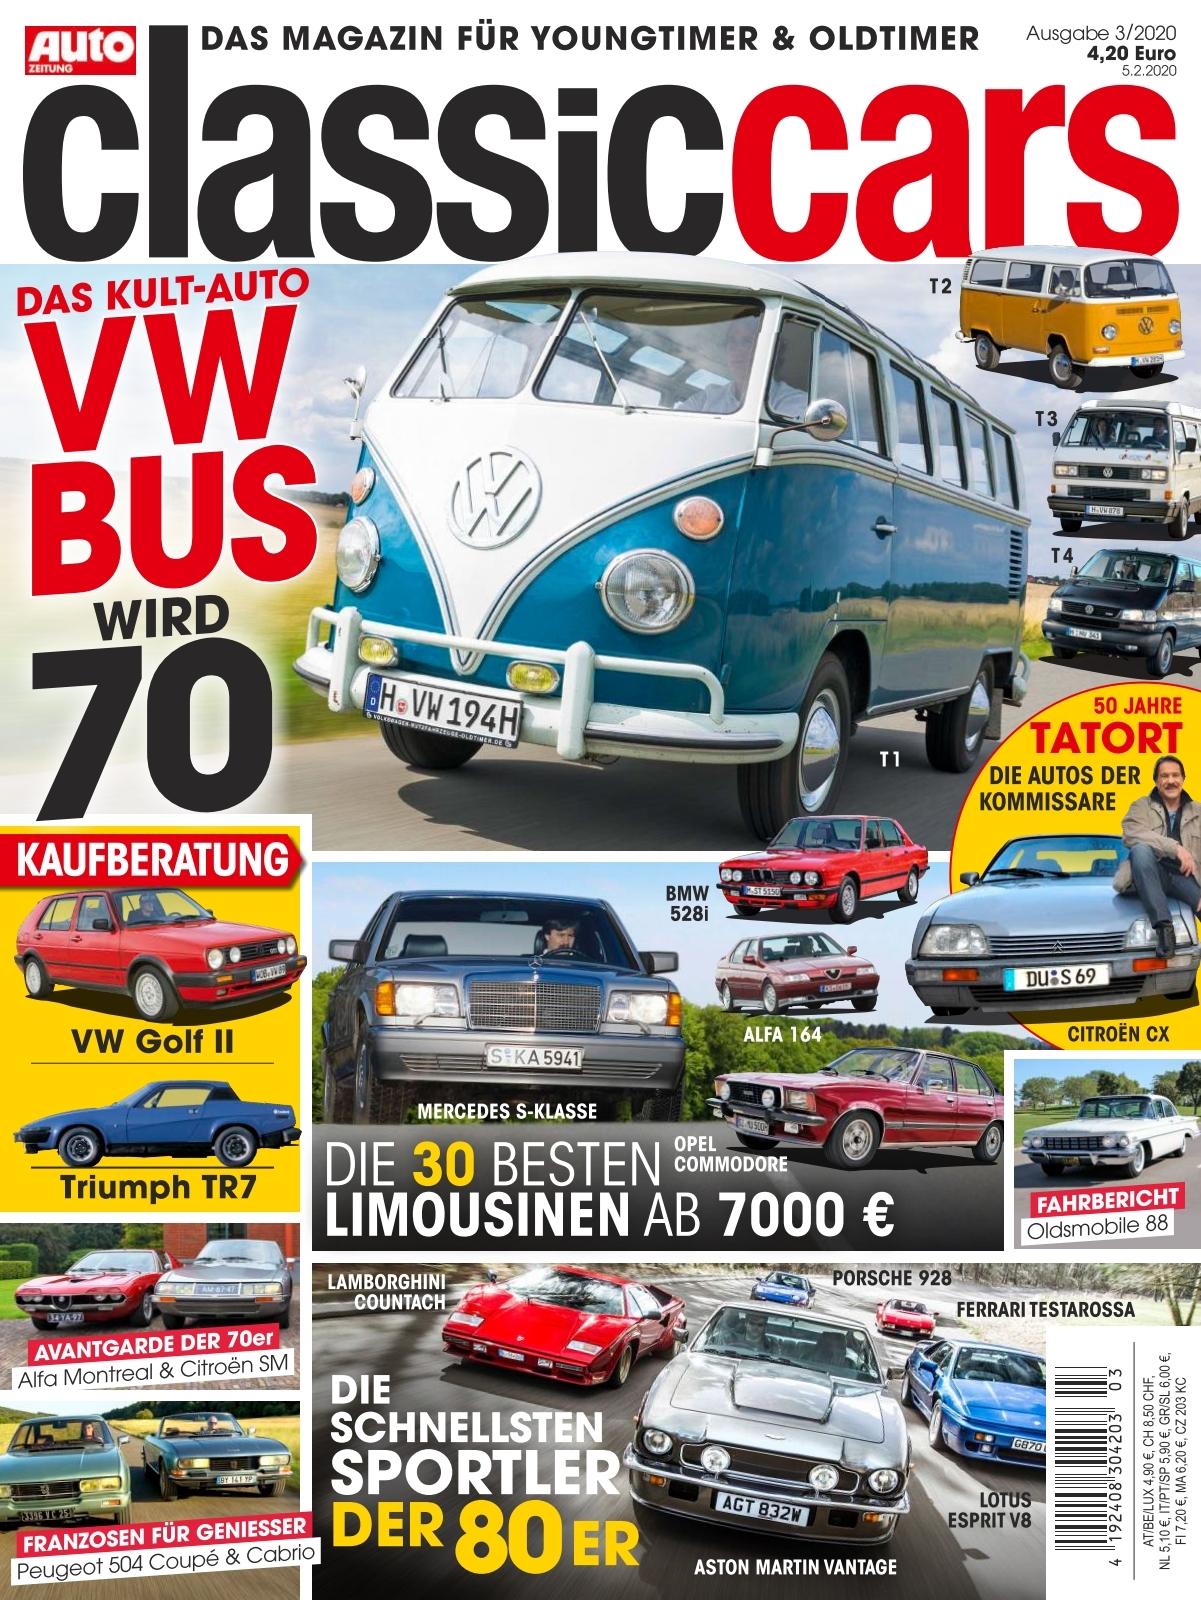 Kanal fahren glas rechts und links gummi armee Fiat 850 Limousine Special